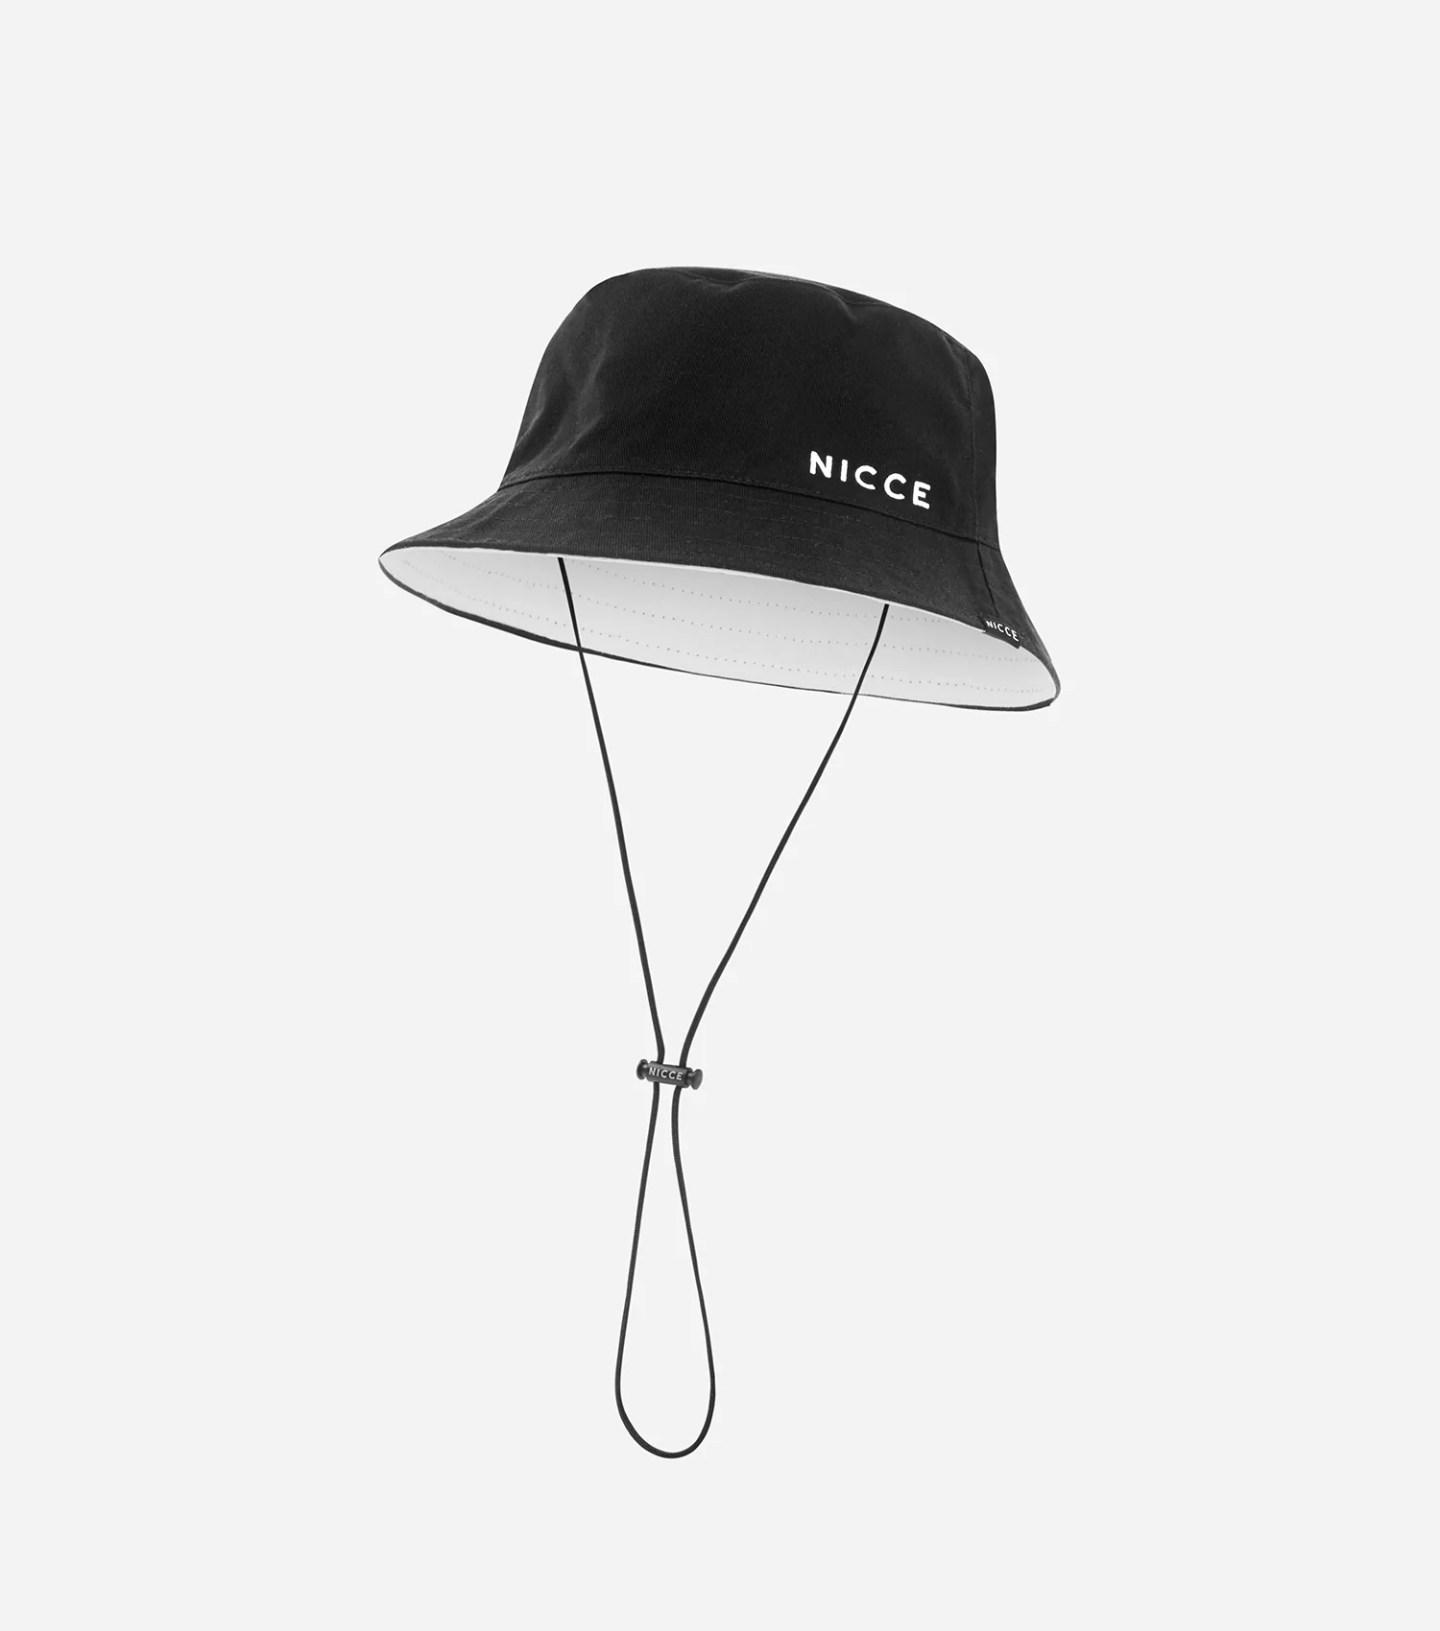 NICCE BUCKET HAT